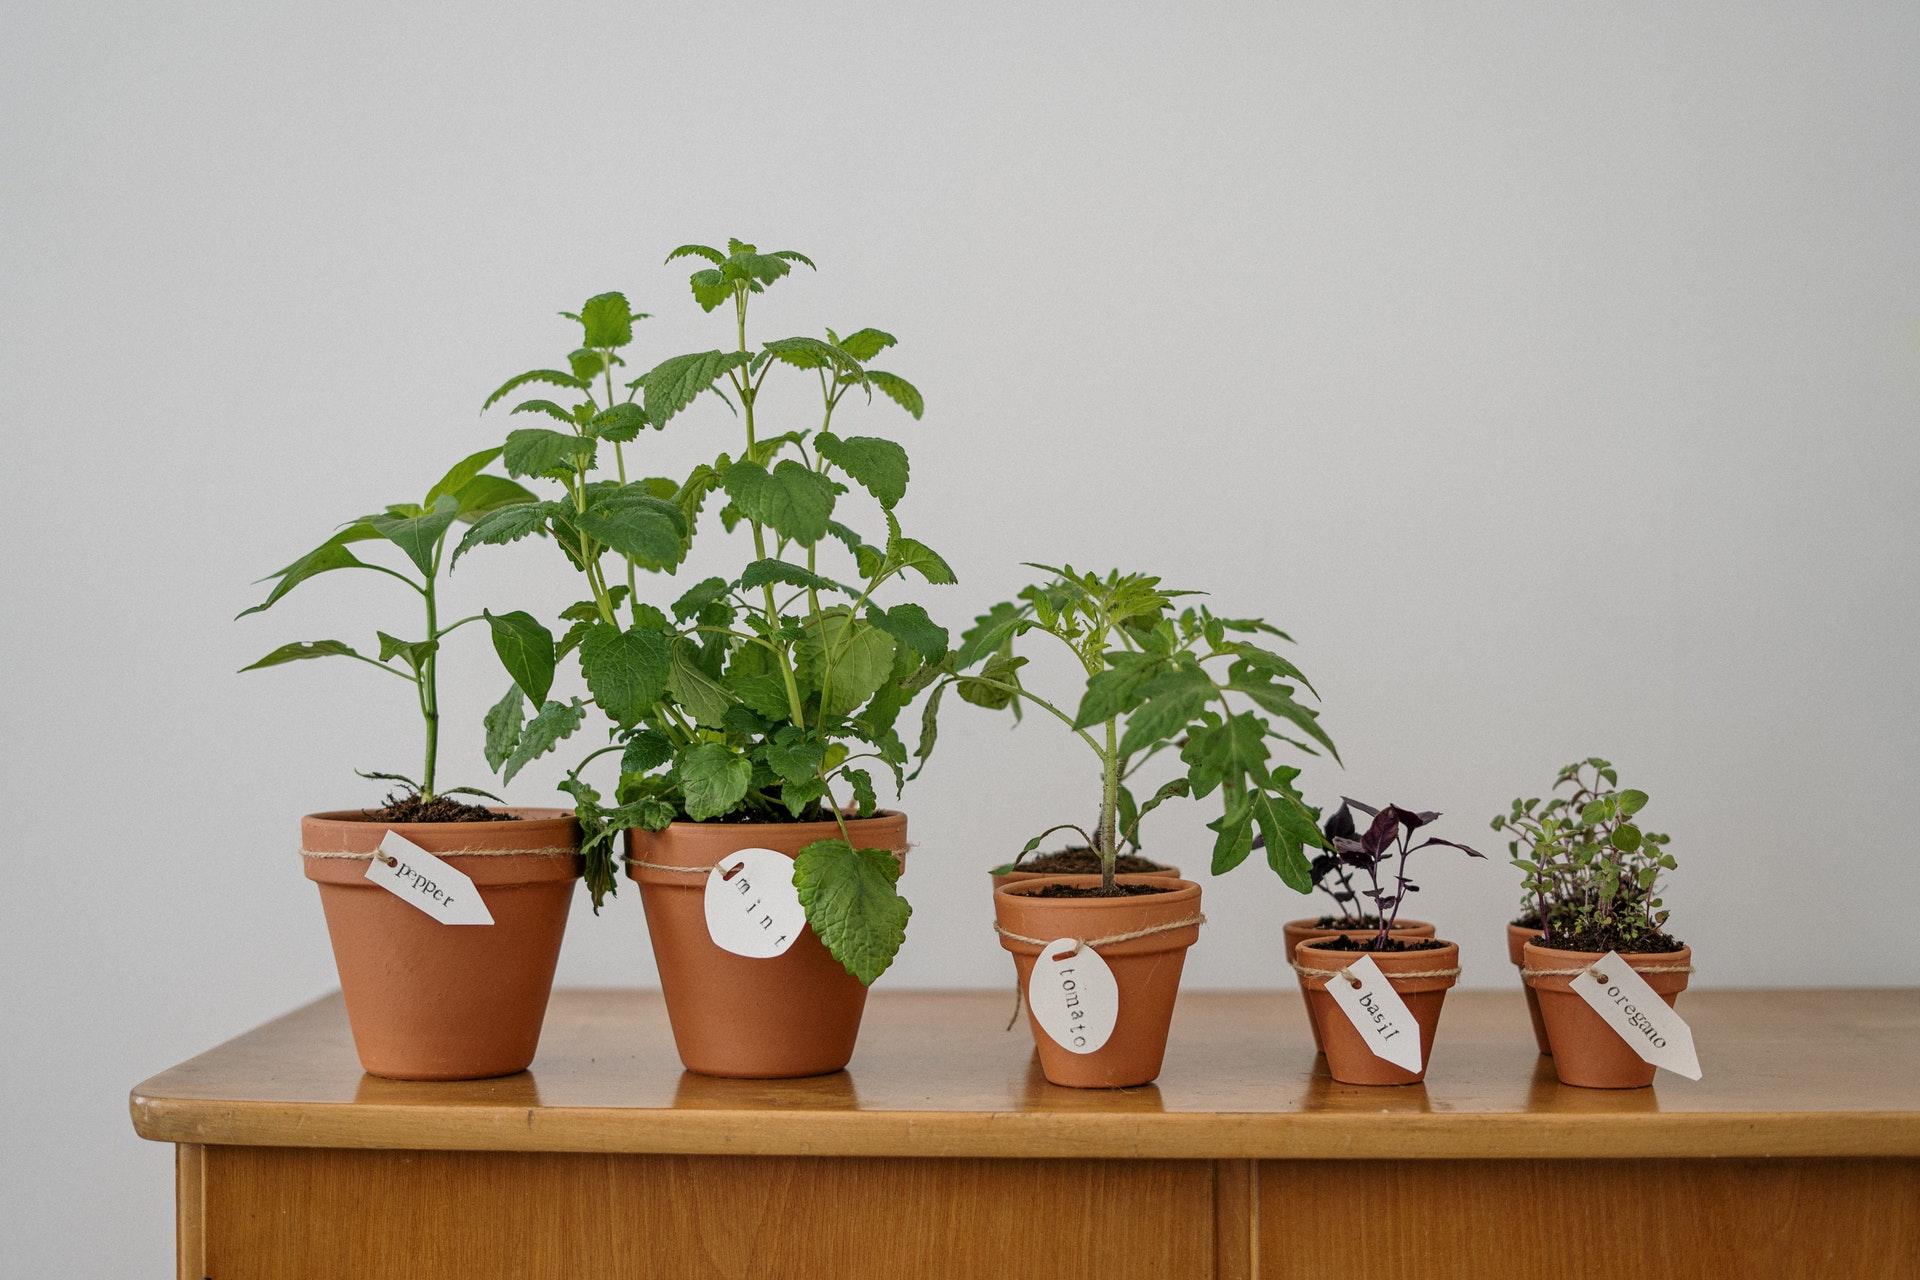 ¿Cómo saber qué especie de planta por foto?